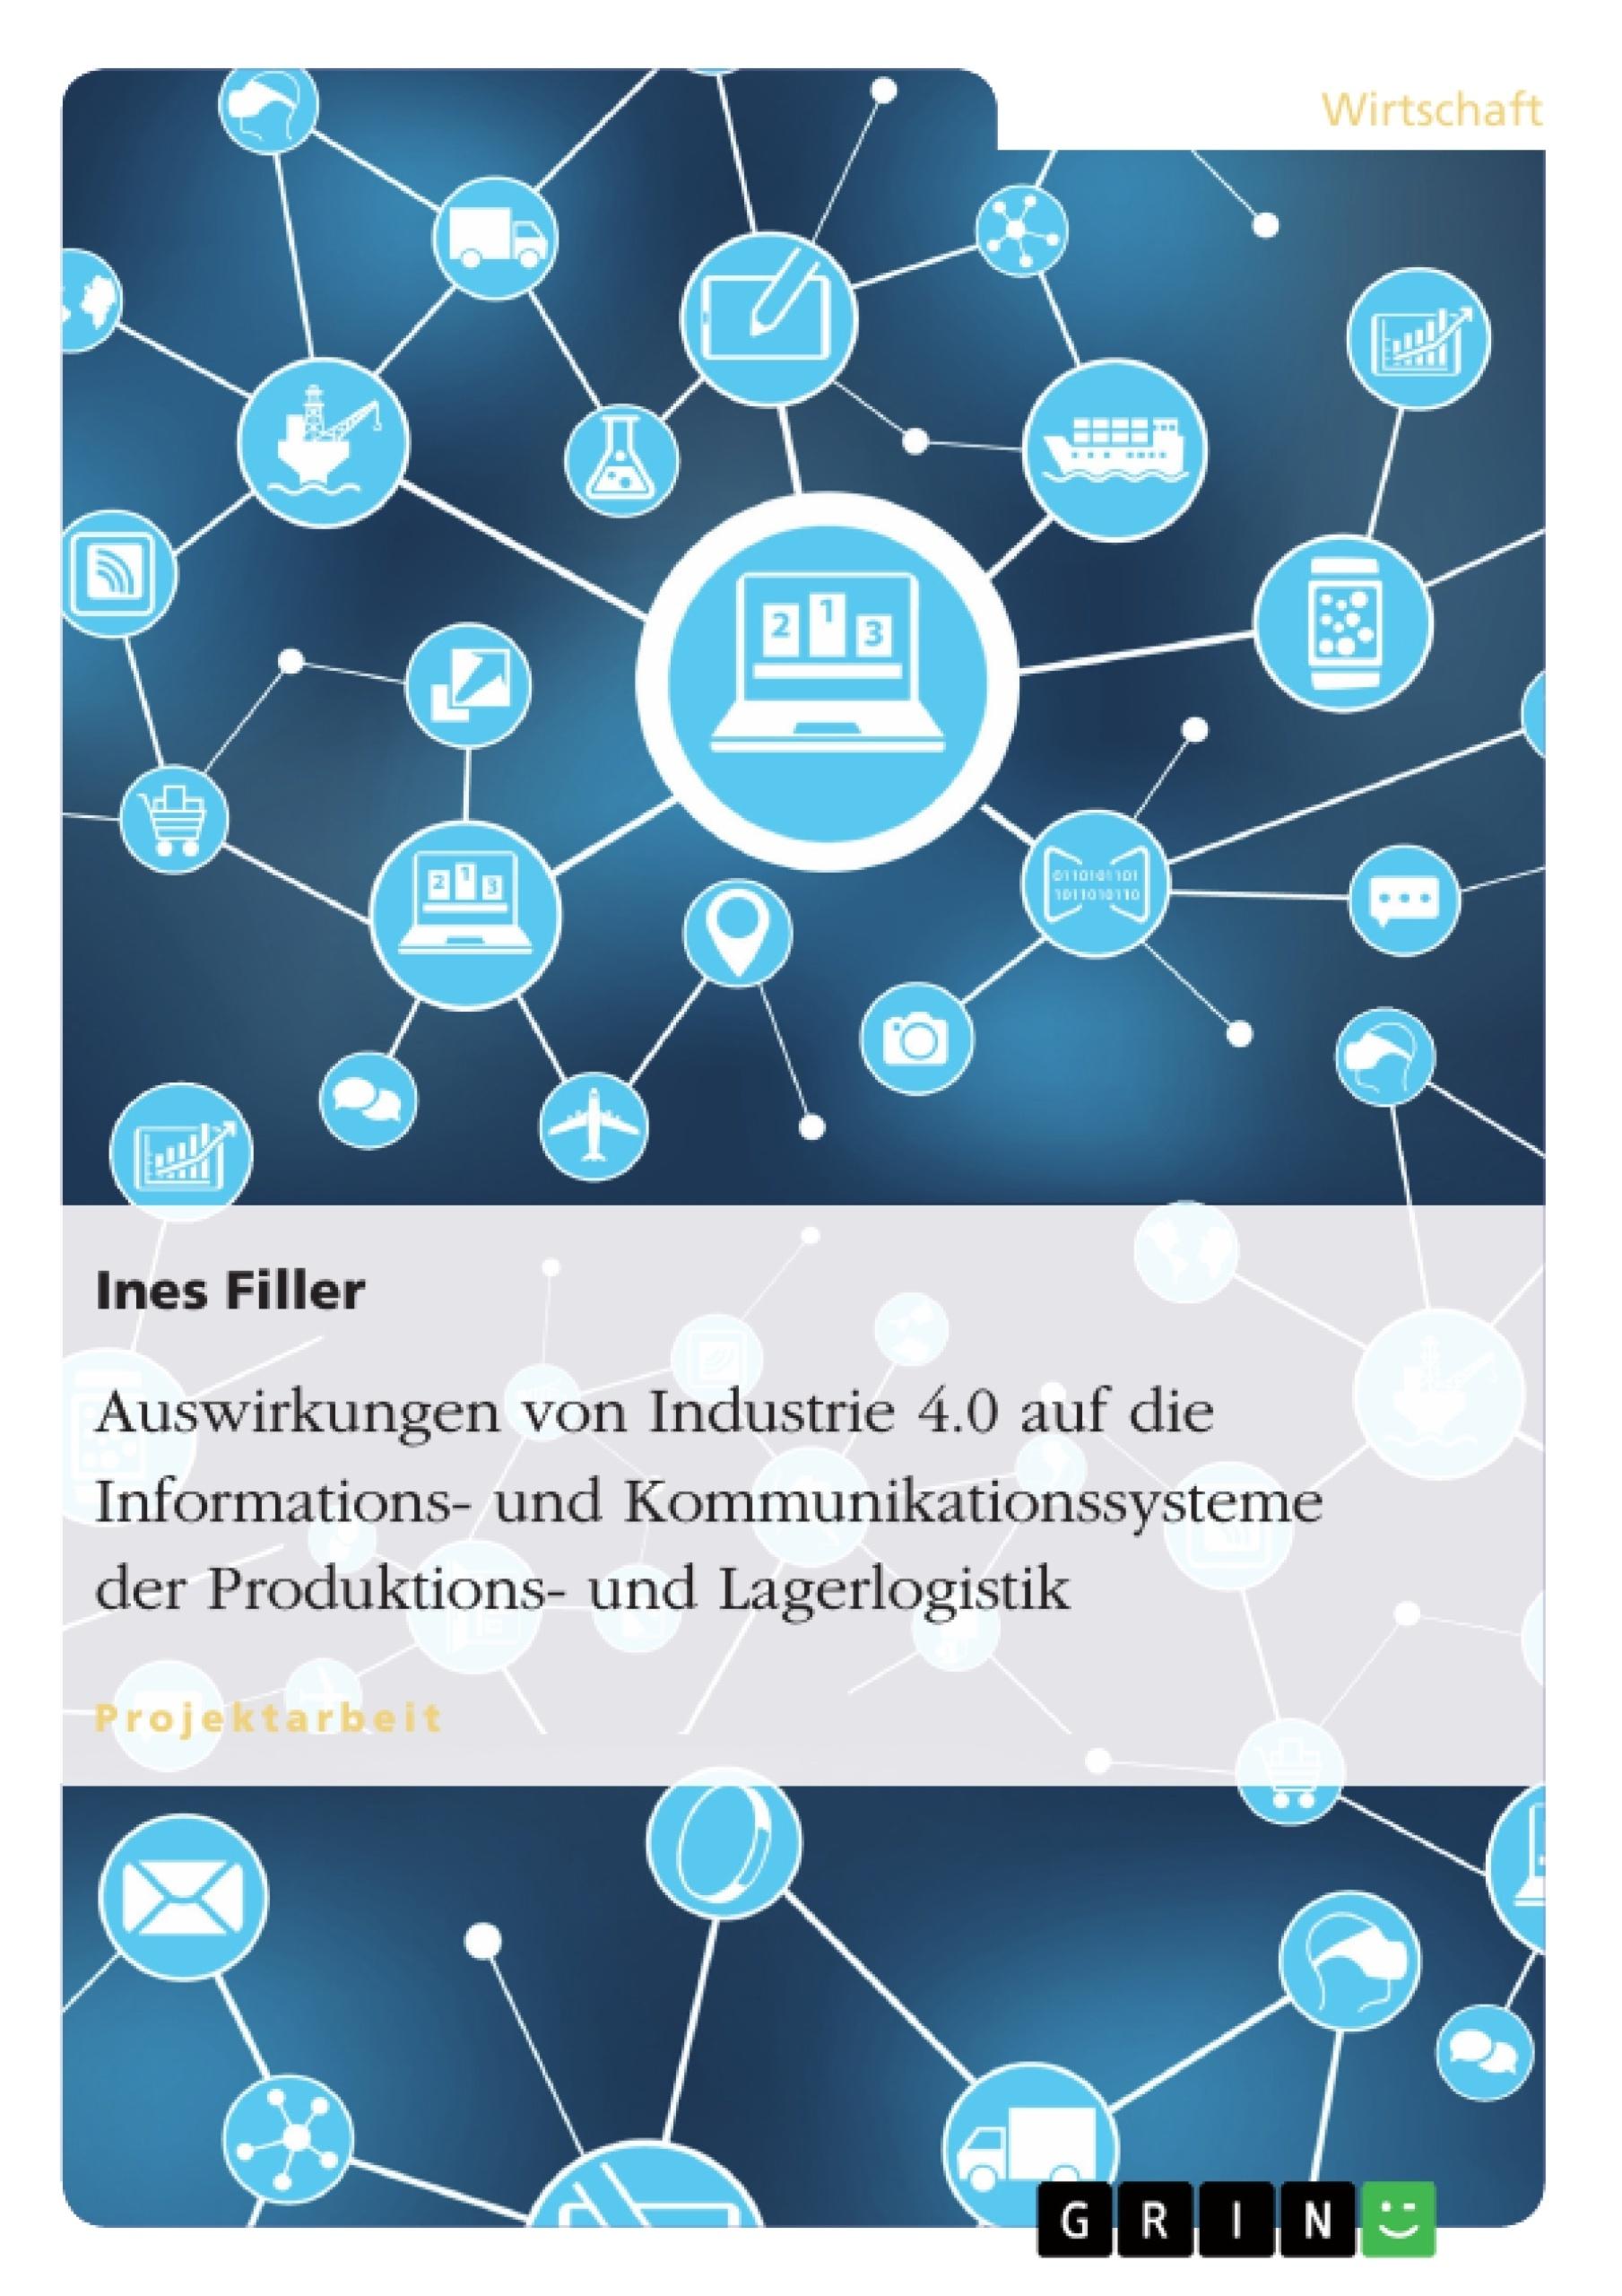 Titel: Auswirkungen von Industrie 4.0 auf die Informations- und Kommunikationssysteme der Produktions- und Lagerlogistik